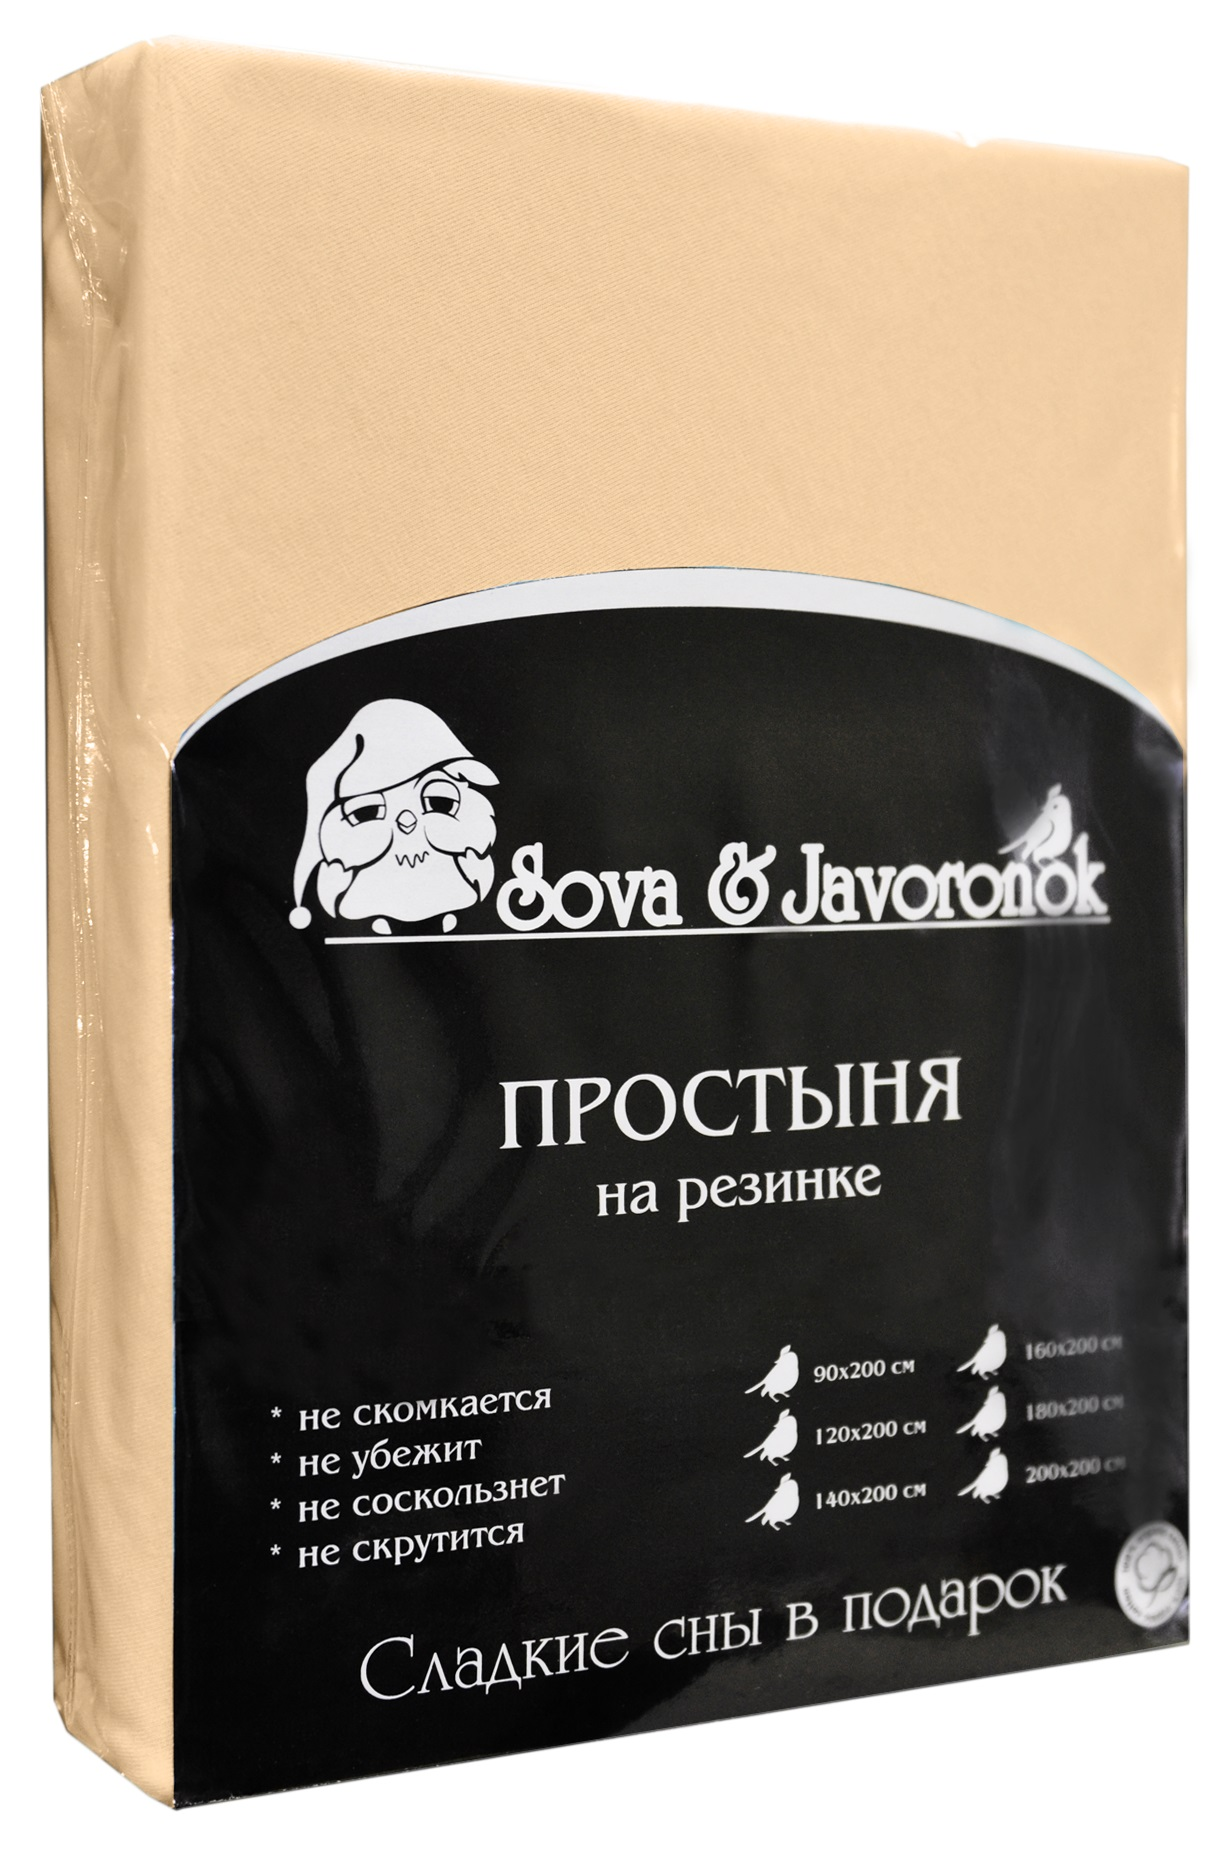 Простыня на резинке Sova & Javoronok, цвет: светло-бежевый, 120 х 200 см531-401Простыня на резинке Sova & Javoronok, изготовленная из трикотажной ткани (100% хлопок), будет превосходно смотреться с любыми комплектами белья. Хлопчатобумажный трикотаж по праву считается одним из самых качественных, прочных и при этом приятных на ощупь. Его гигиеничность позволяет использовать простыню и в детских комнатах, к тому же 100%-ый хлопок в составе ткани не вызовет аллергии. У трикотажного полотна очень интересная структура, немного рыхлая за счет отсутствия плотного переплетения нитей и наличия особых петель, благодаря этому простыня Сова и Жаворонок отлично пропускает воздух и способствует его постоянной циркуляции. Поэтому ваша постель будет всегда оставаться свежей. Но главное и, пожалуй, самое известное свойство трикотажа - это его великолепная растяжимость, поэтому эта ткань и была выбрана для натяжной простыни на резинке.Простыня прошита резинкой по всему периметру, что обеспечивает более комфортный отдых, так как она прочно удерживается на матрасе и избавляет от необходимости часто поправлять простыню.